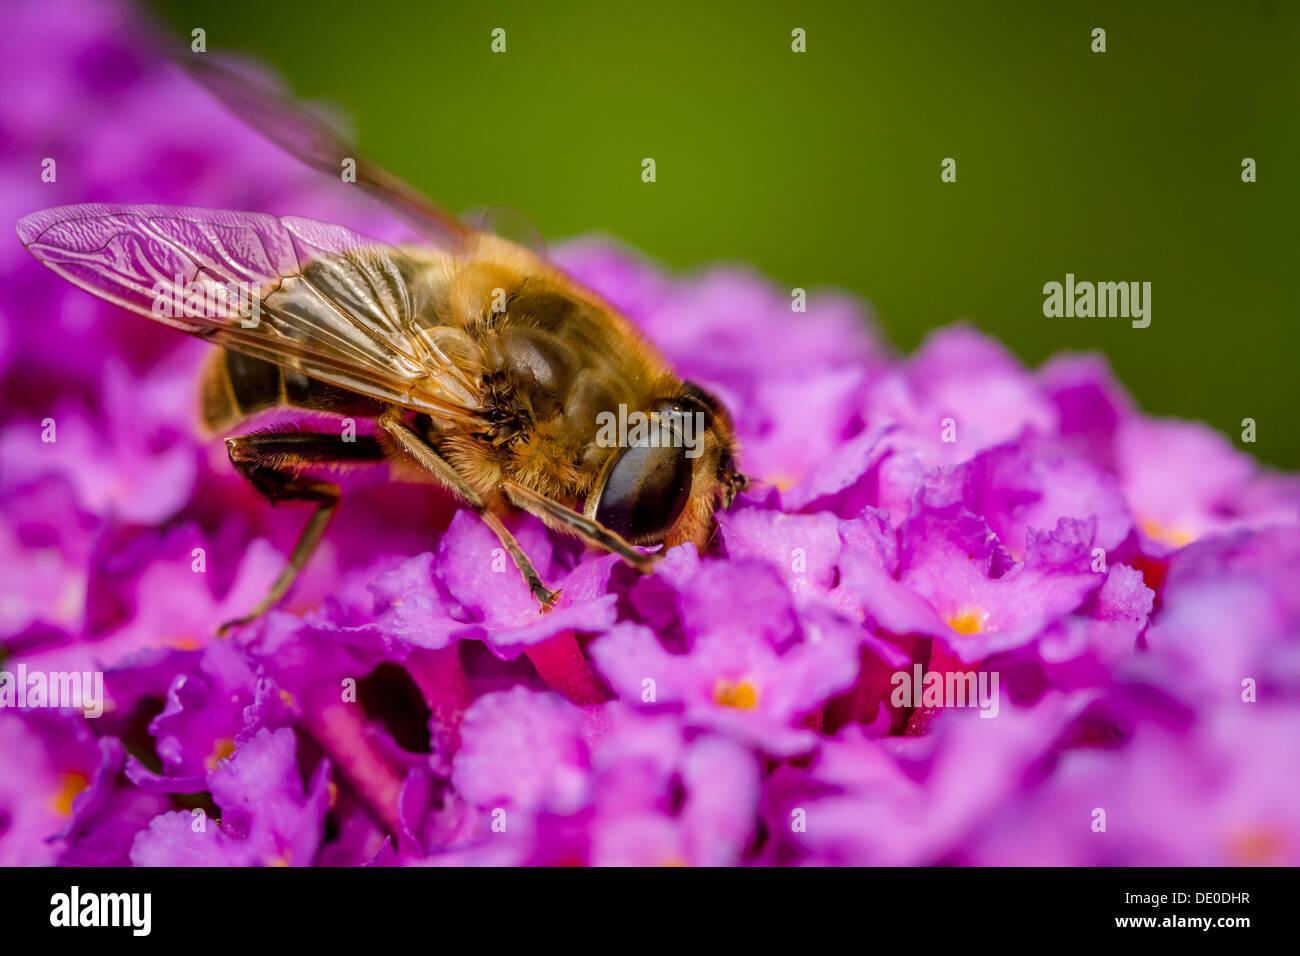 Wildlife - Hoverfly enjoying a drink from a buddleia - Eristalis pertinax - Buddleia davidii, UK - Stock Image